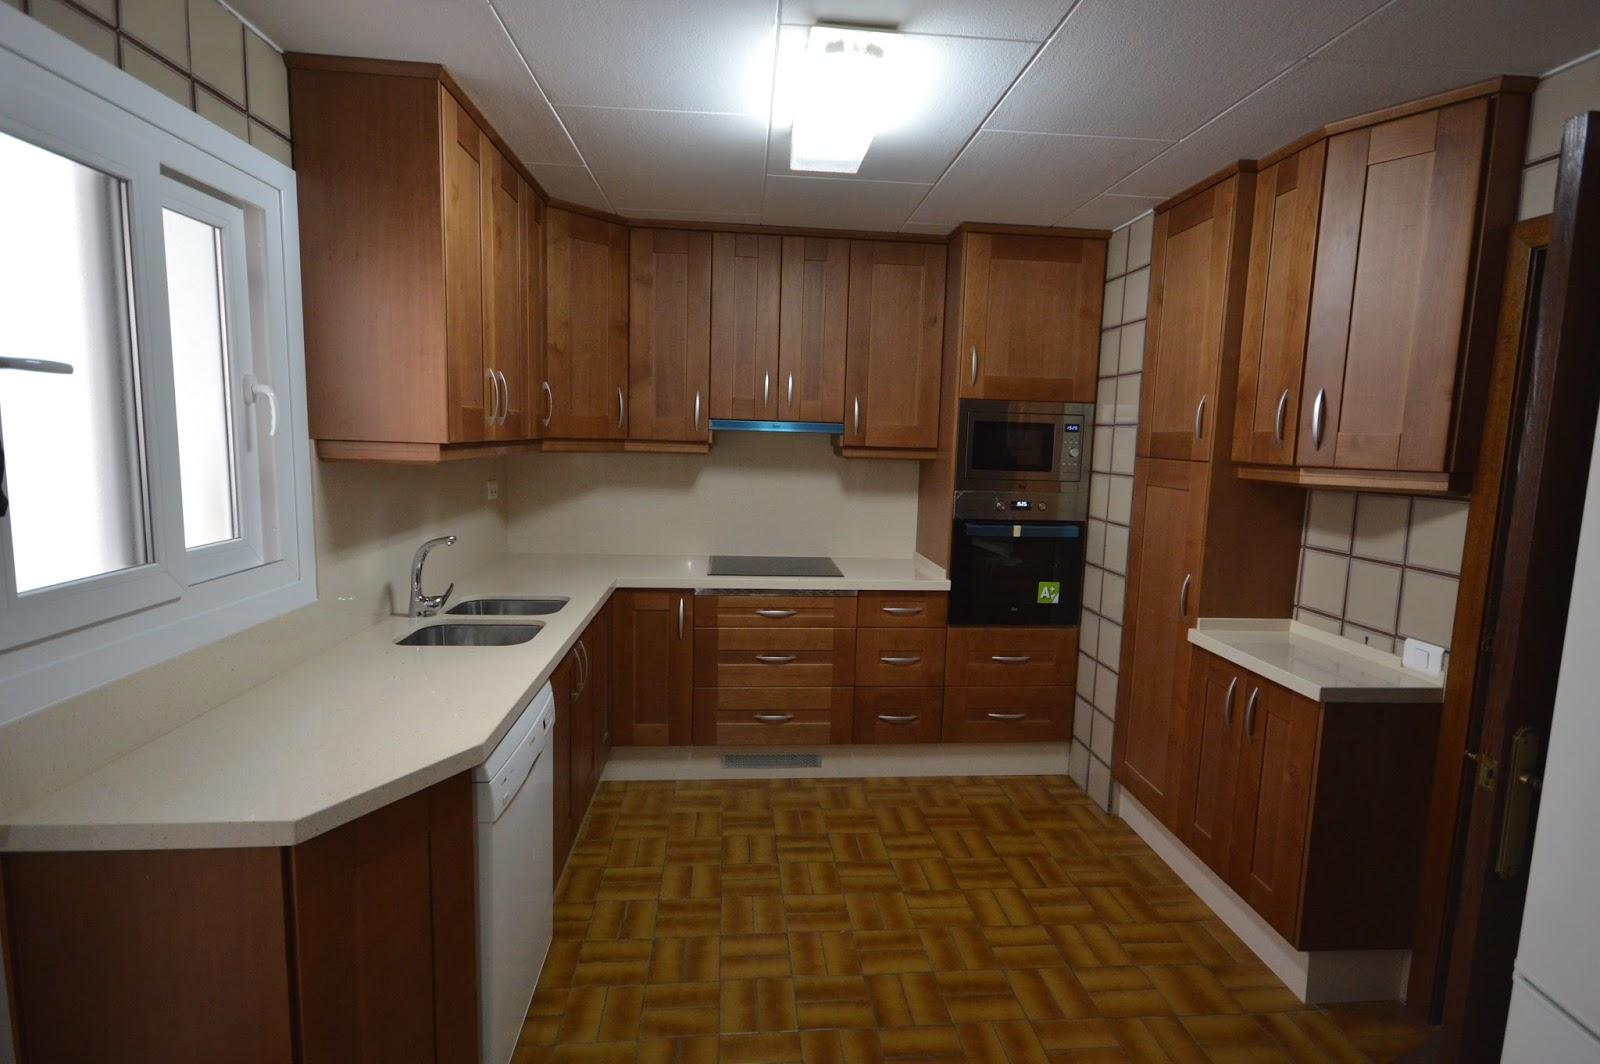 Reuscuina muebles de cocina de madera maciza con - Muebles de cocina madera maciza ...